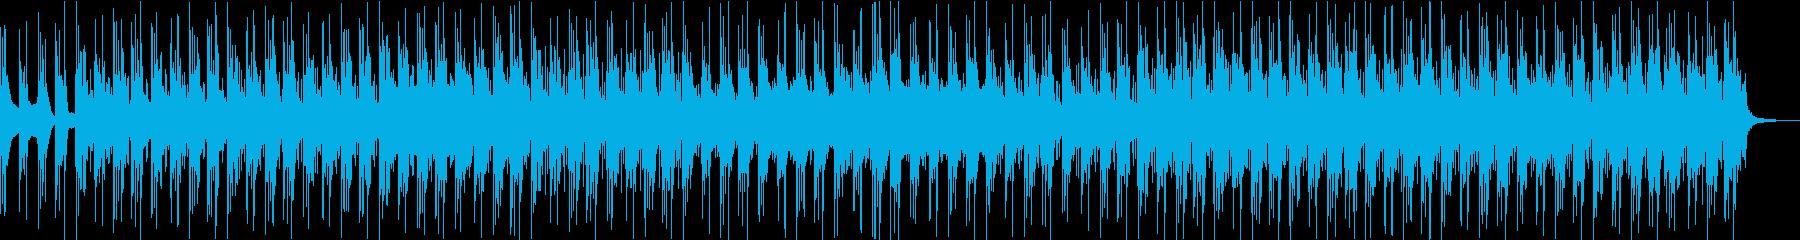 六月の月のイメージ。厳かでリズミック。の再生済みの波形